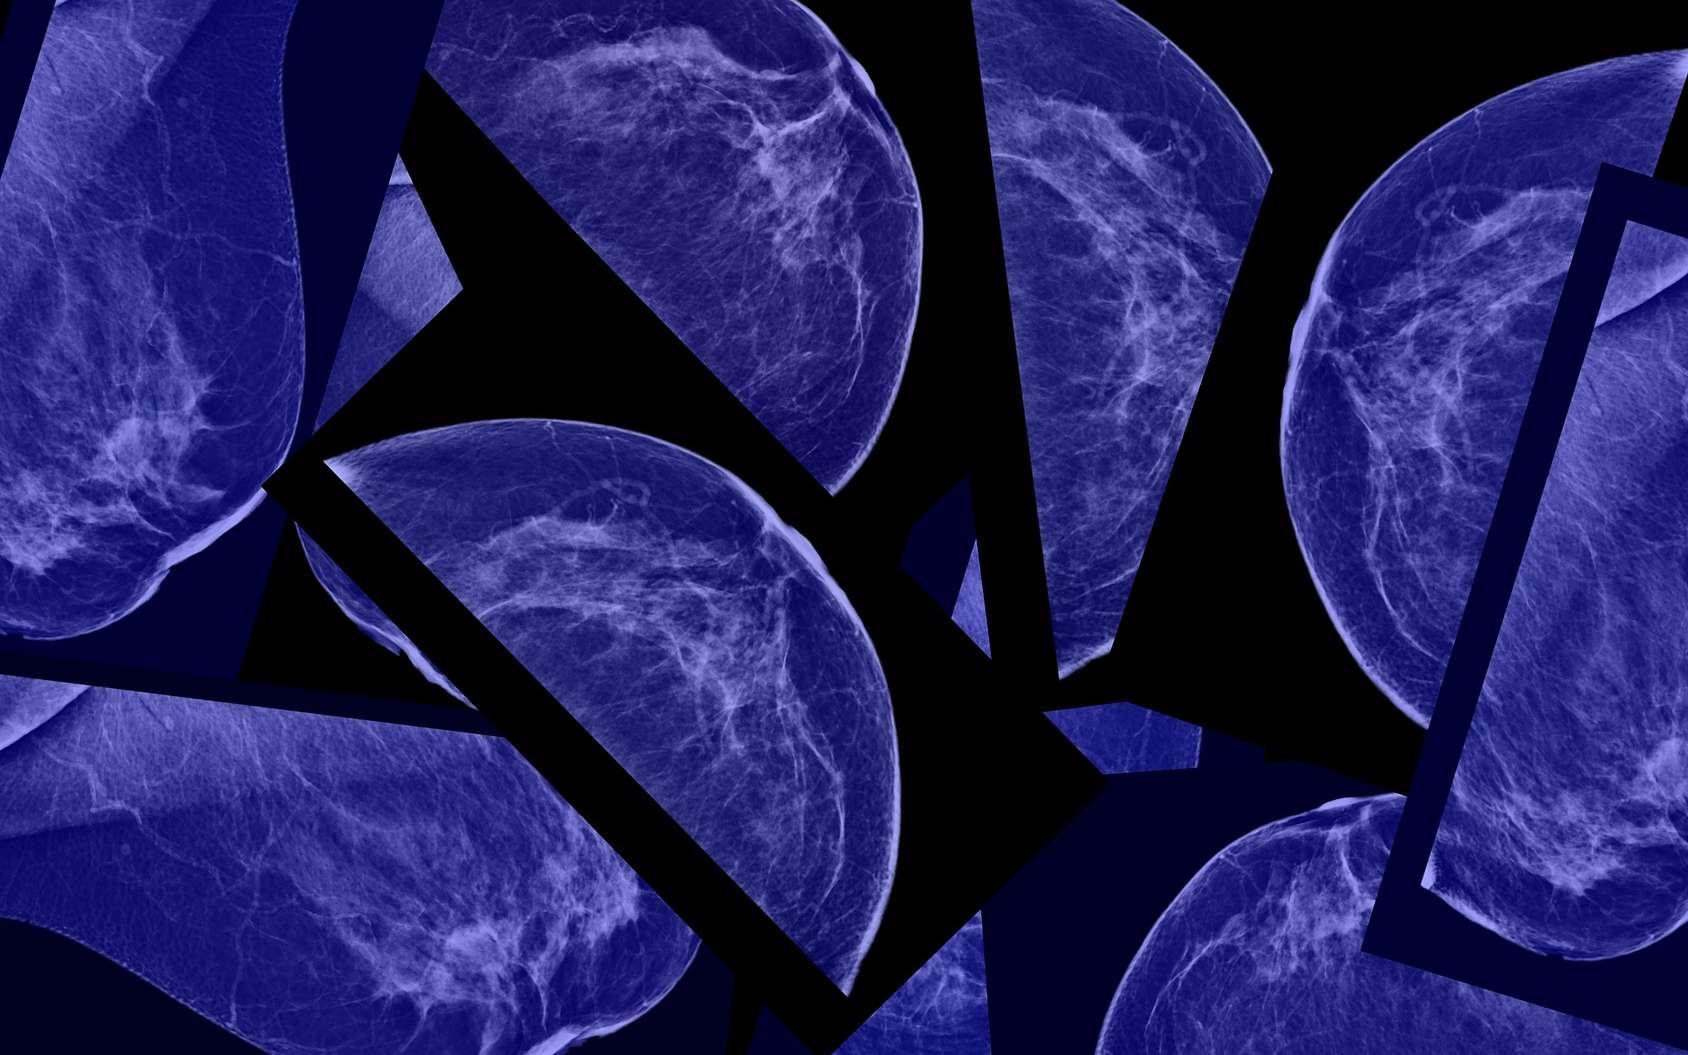 La mammographie détecterait trop de petites tumeurs sans danger. © flik47, Fotolia